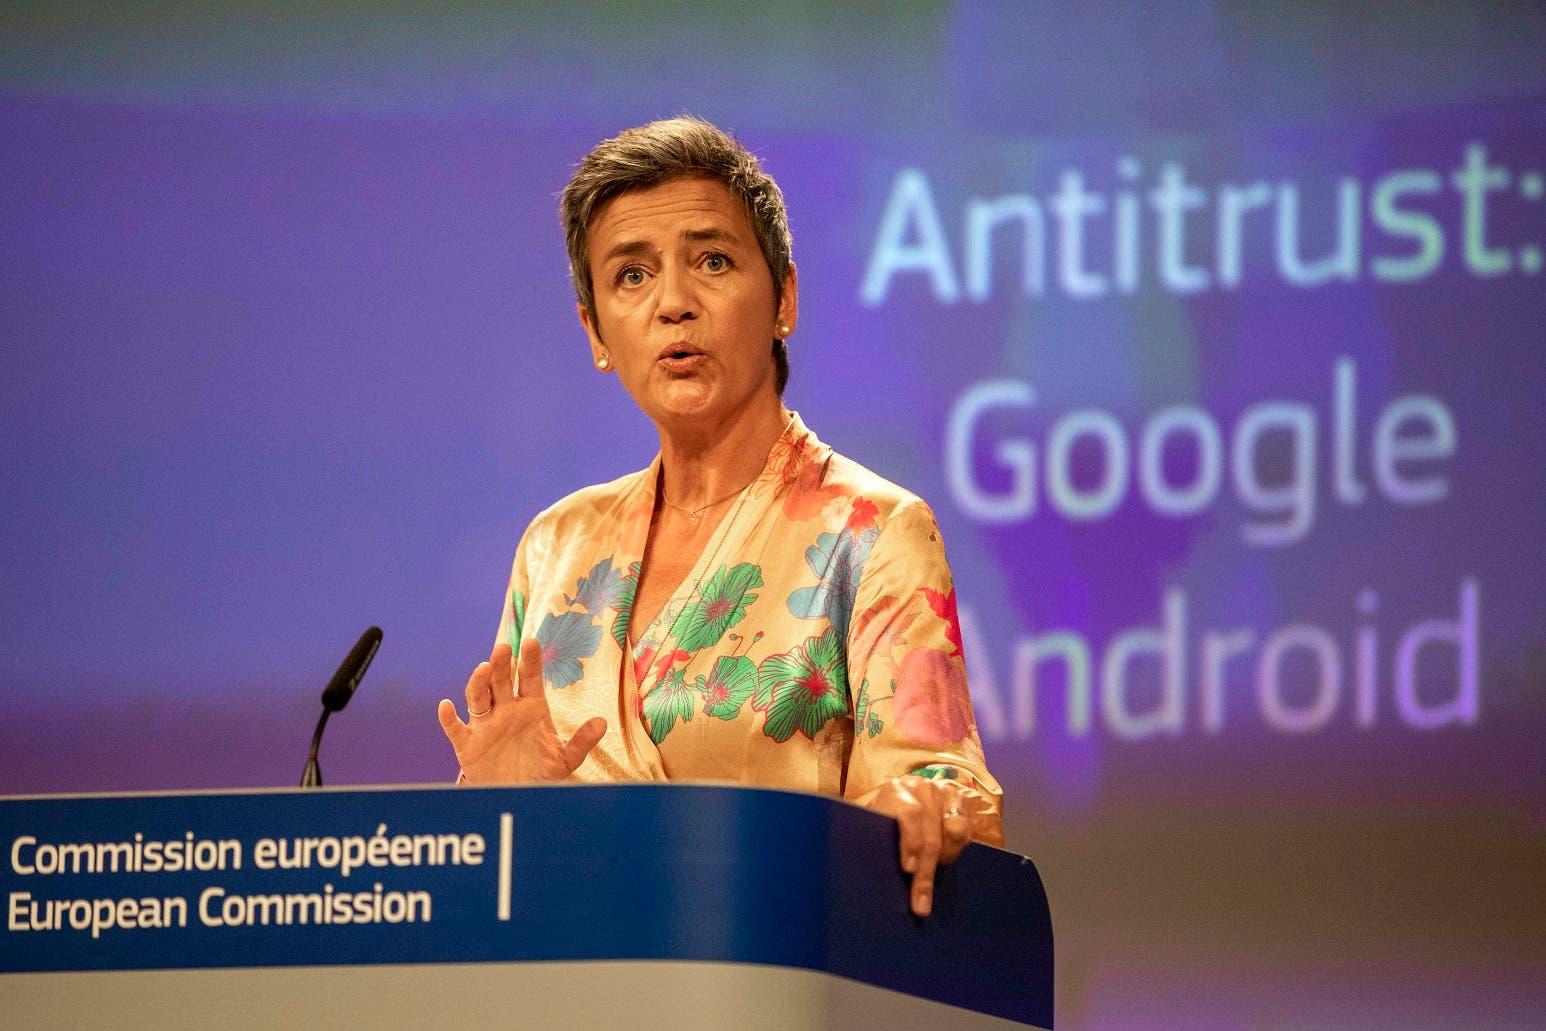 La comisaria de la UE Margrethe Vestager ofrece una conferencia de prensa sobre el caso de competencia que implica a Google Android, en el edificio de la Comisión Europea, en Bruselas, el 18 de julio de 2018. (AP Foto/Olivier Matthys)